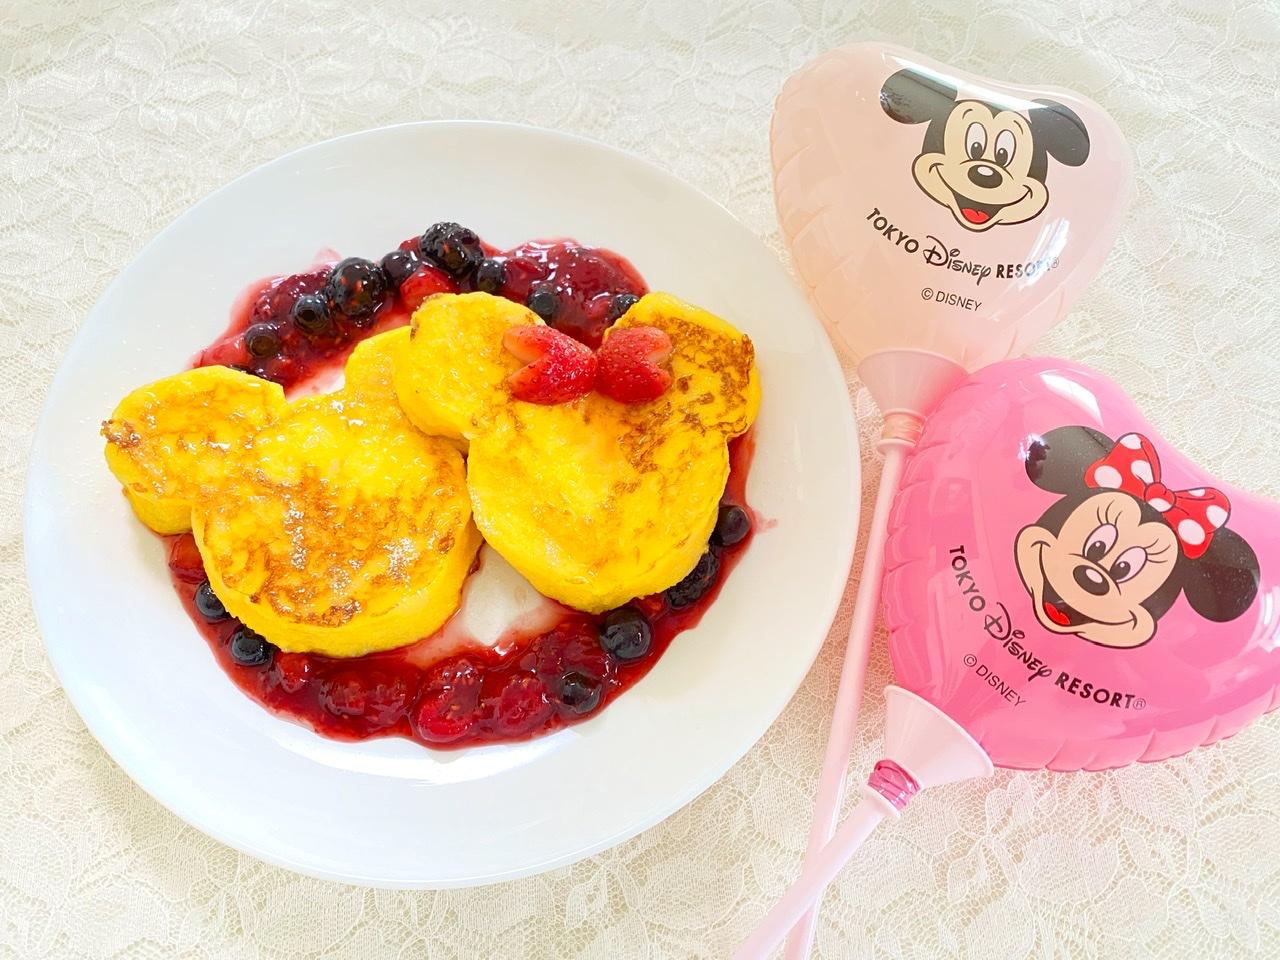 【ディズニーランド】のフレンチトースト♡公式レシピで作ってみました!_12